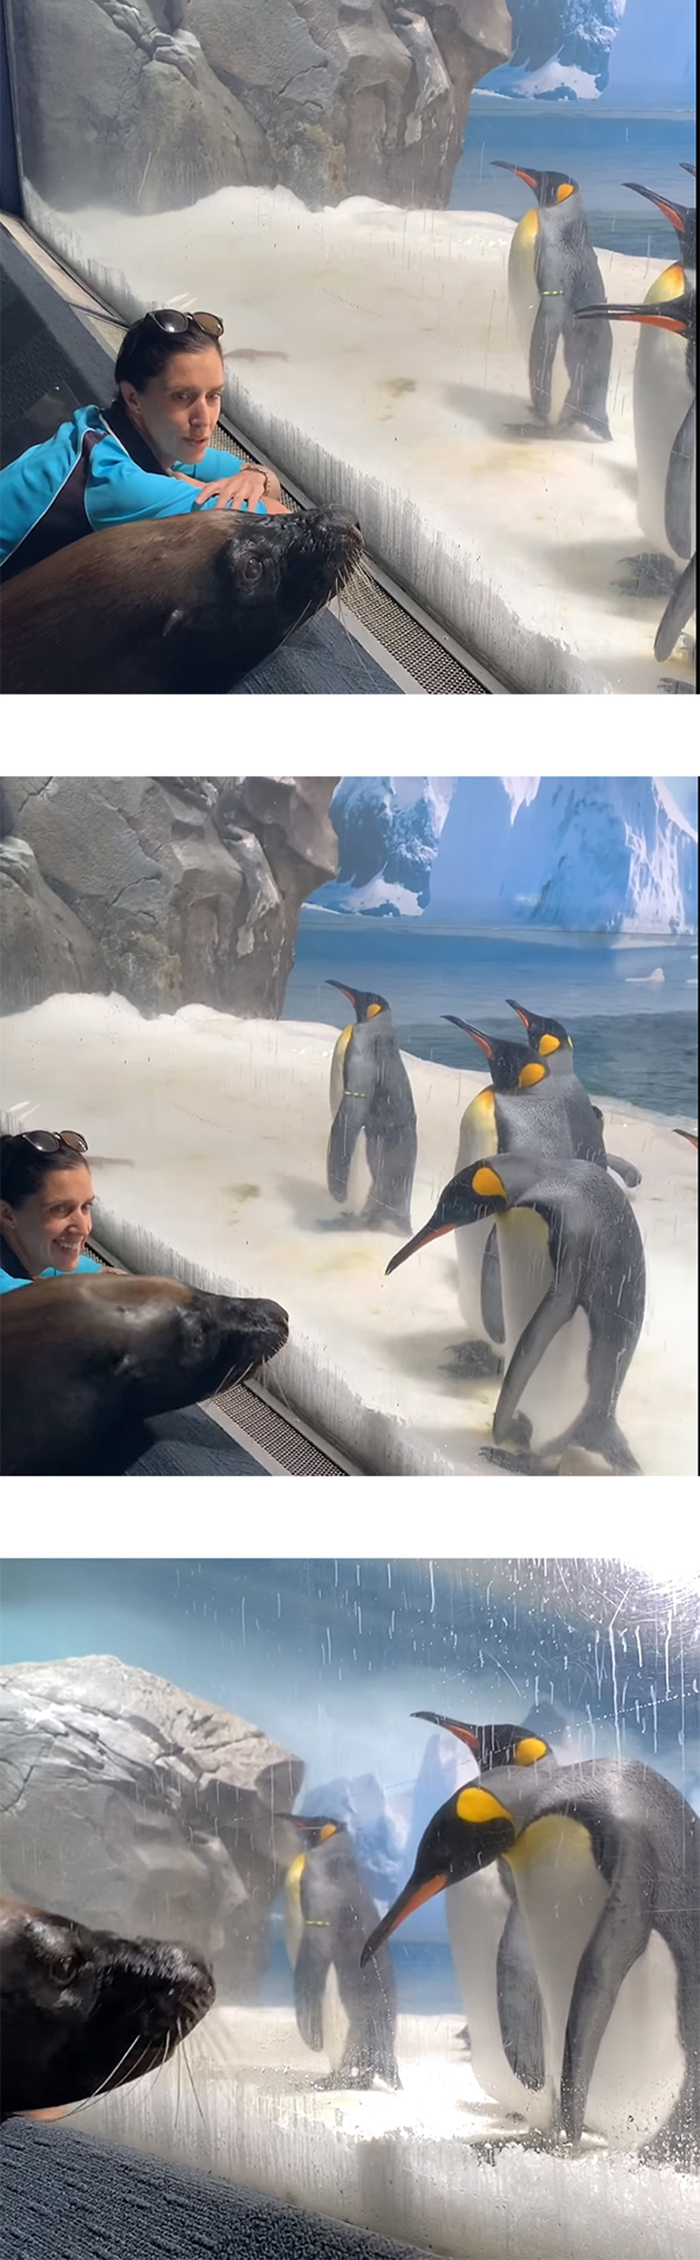 birri junior the sea lion meets penguins